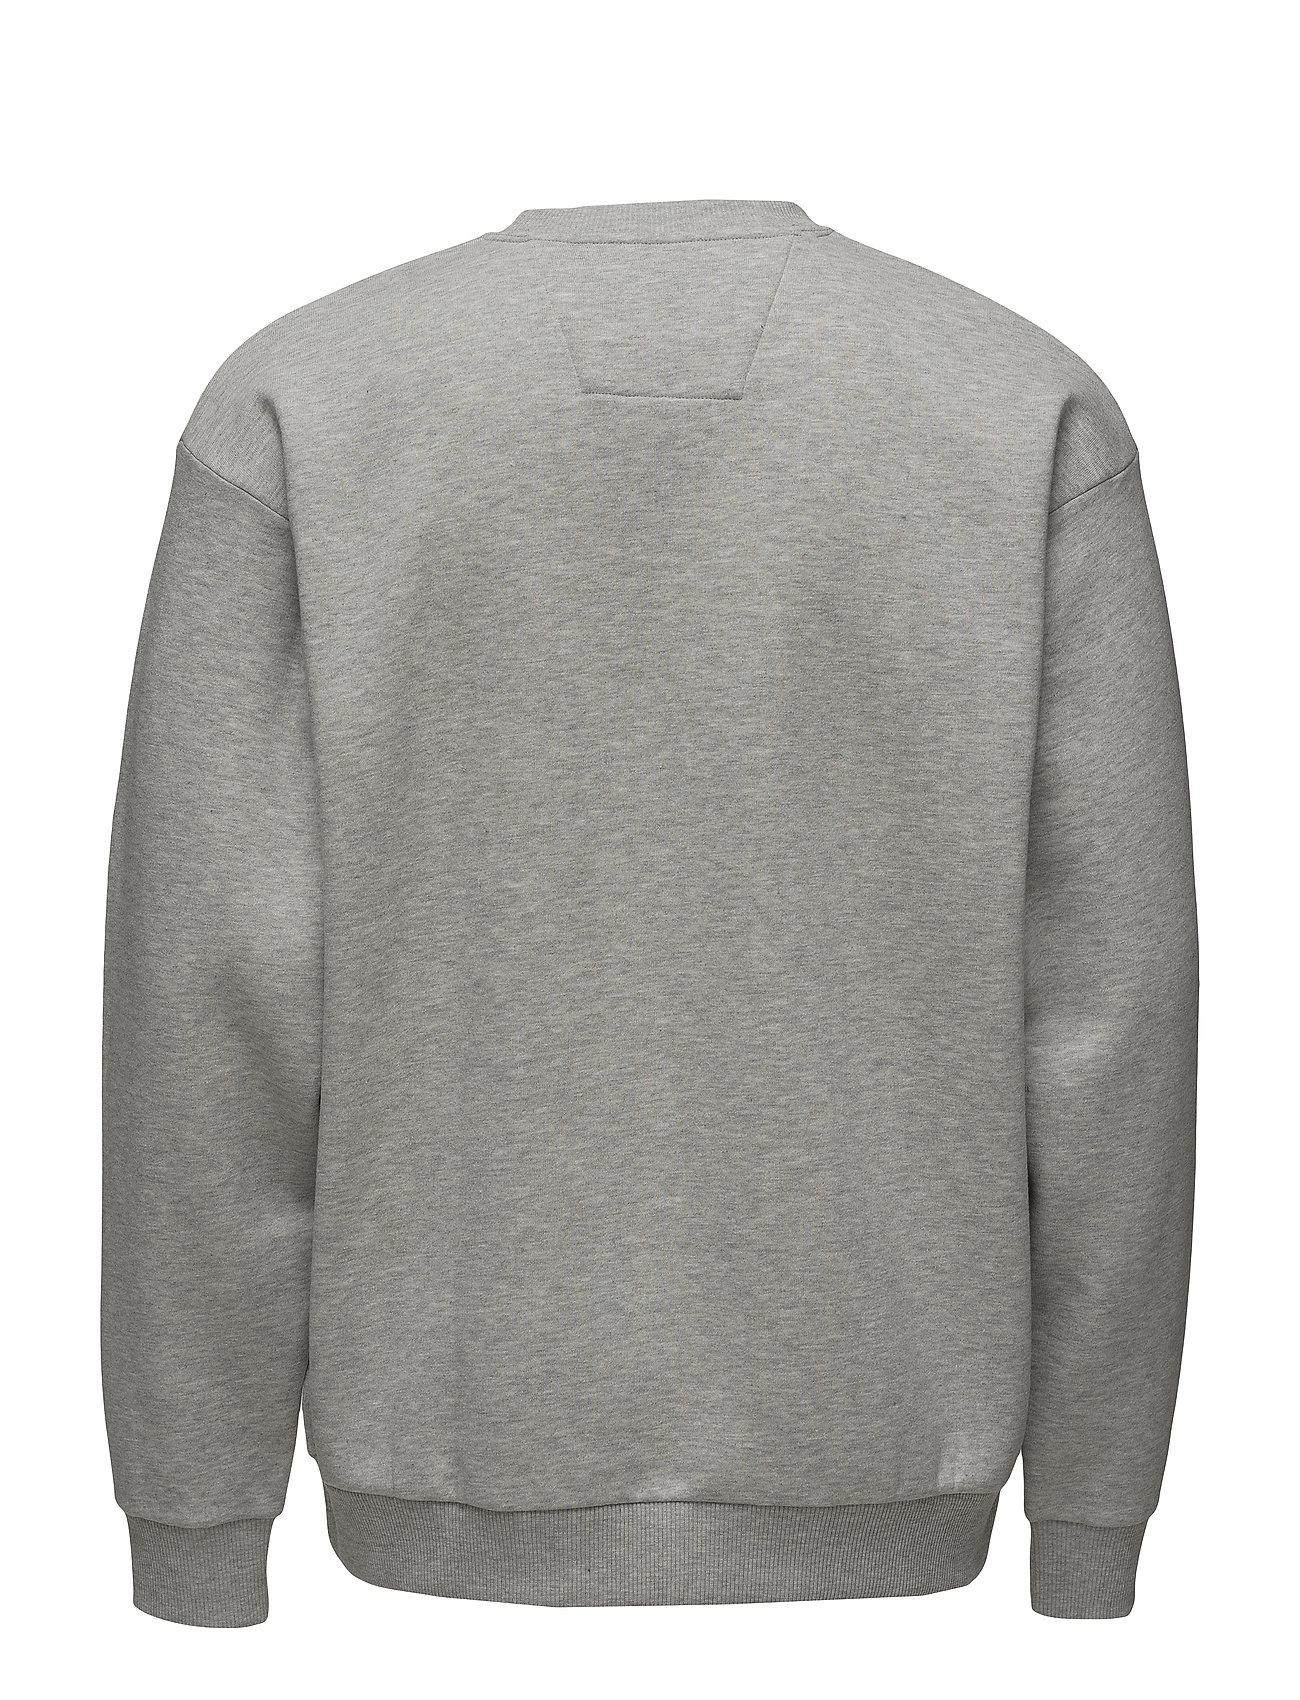 Sweden Grey Jeans Prmed Of Tom MelTiger sorCBthdxQ